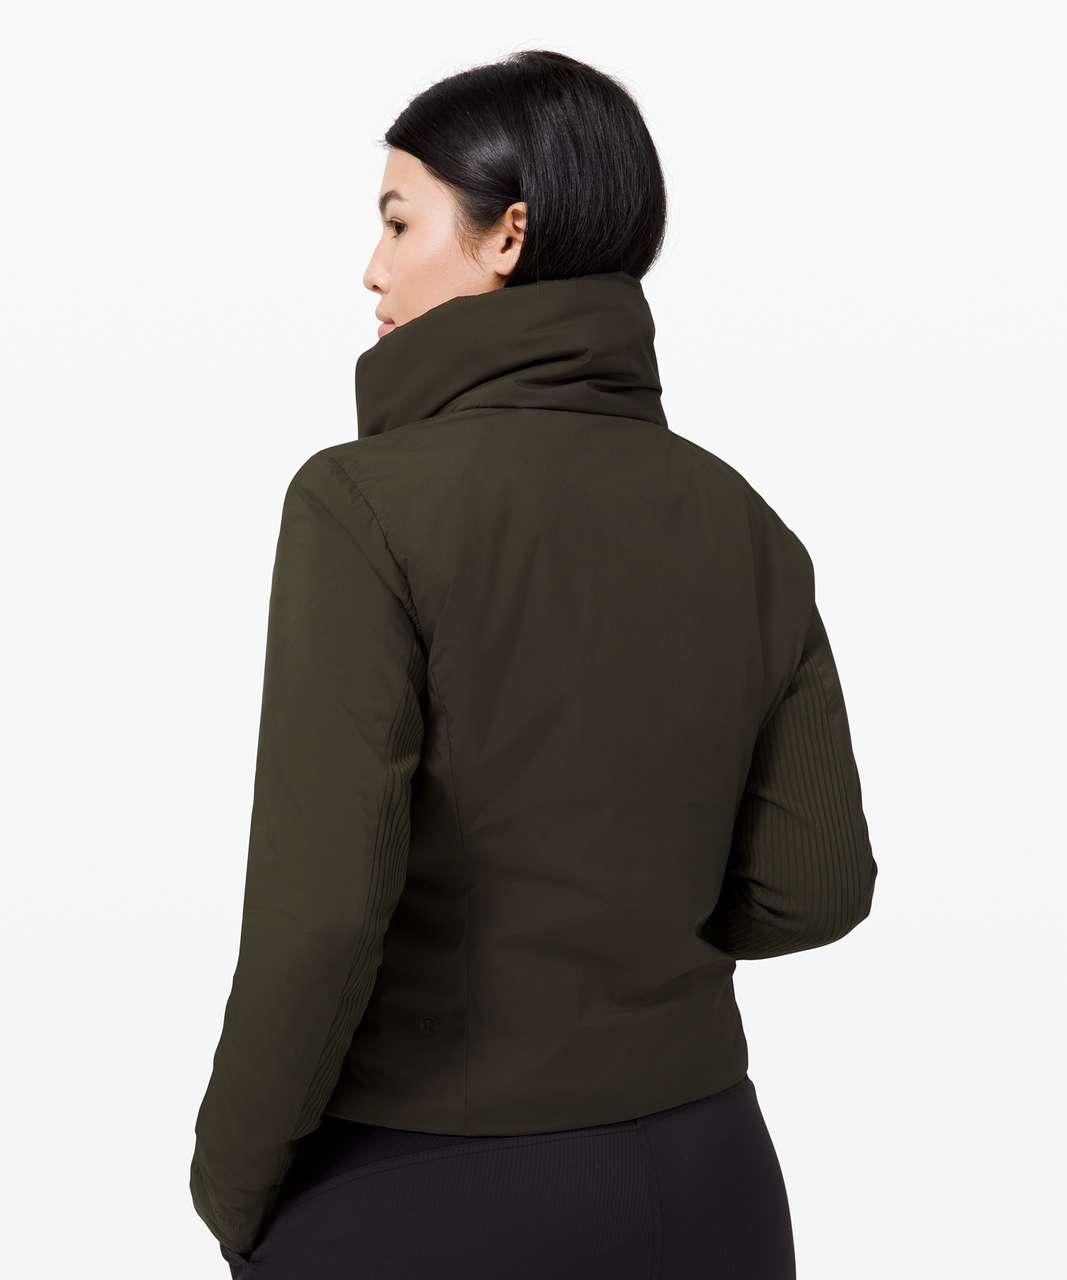 Lululemon Sleek City Jacket - Dark Olive